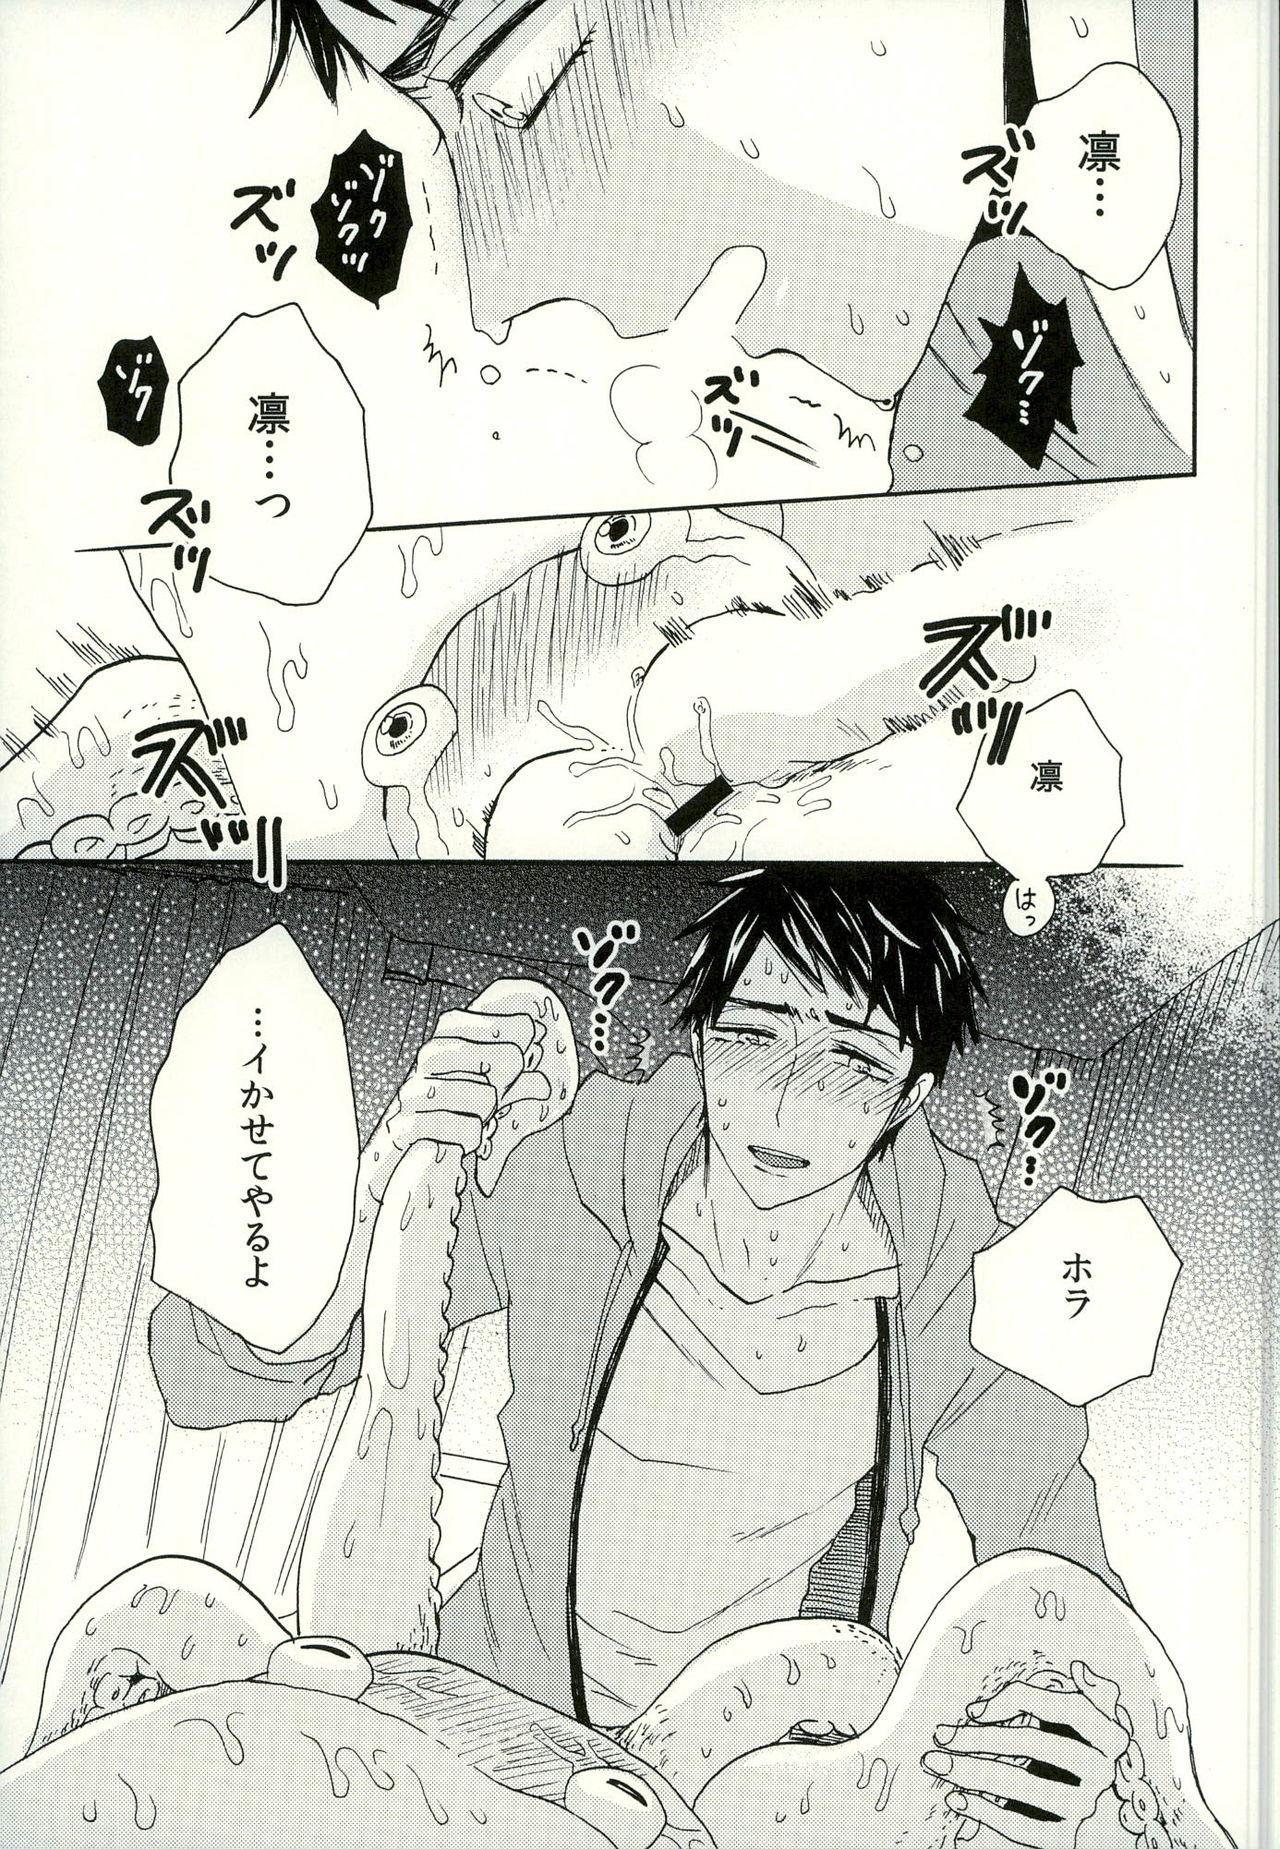 (SUPERKansai20) [hn (Pirori)] Sou-chan Jana-ika!? (Free!) 15